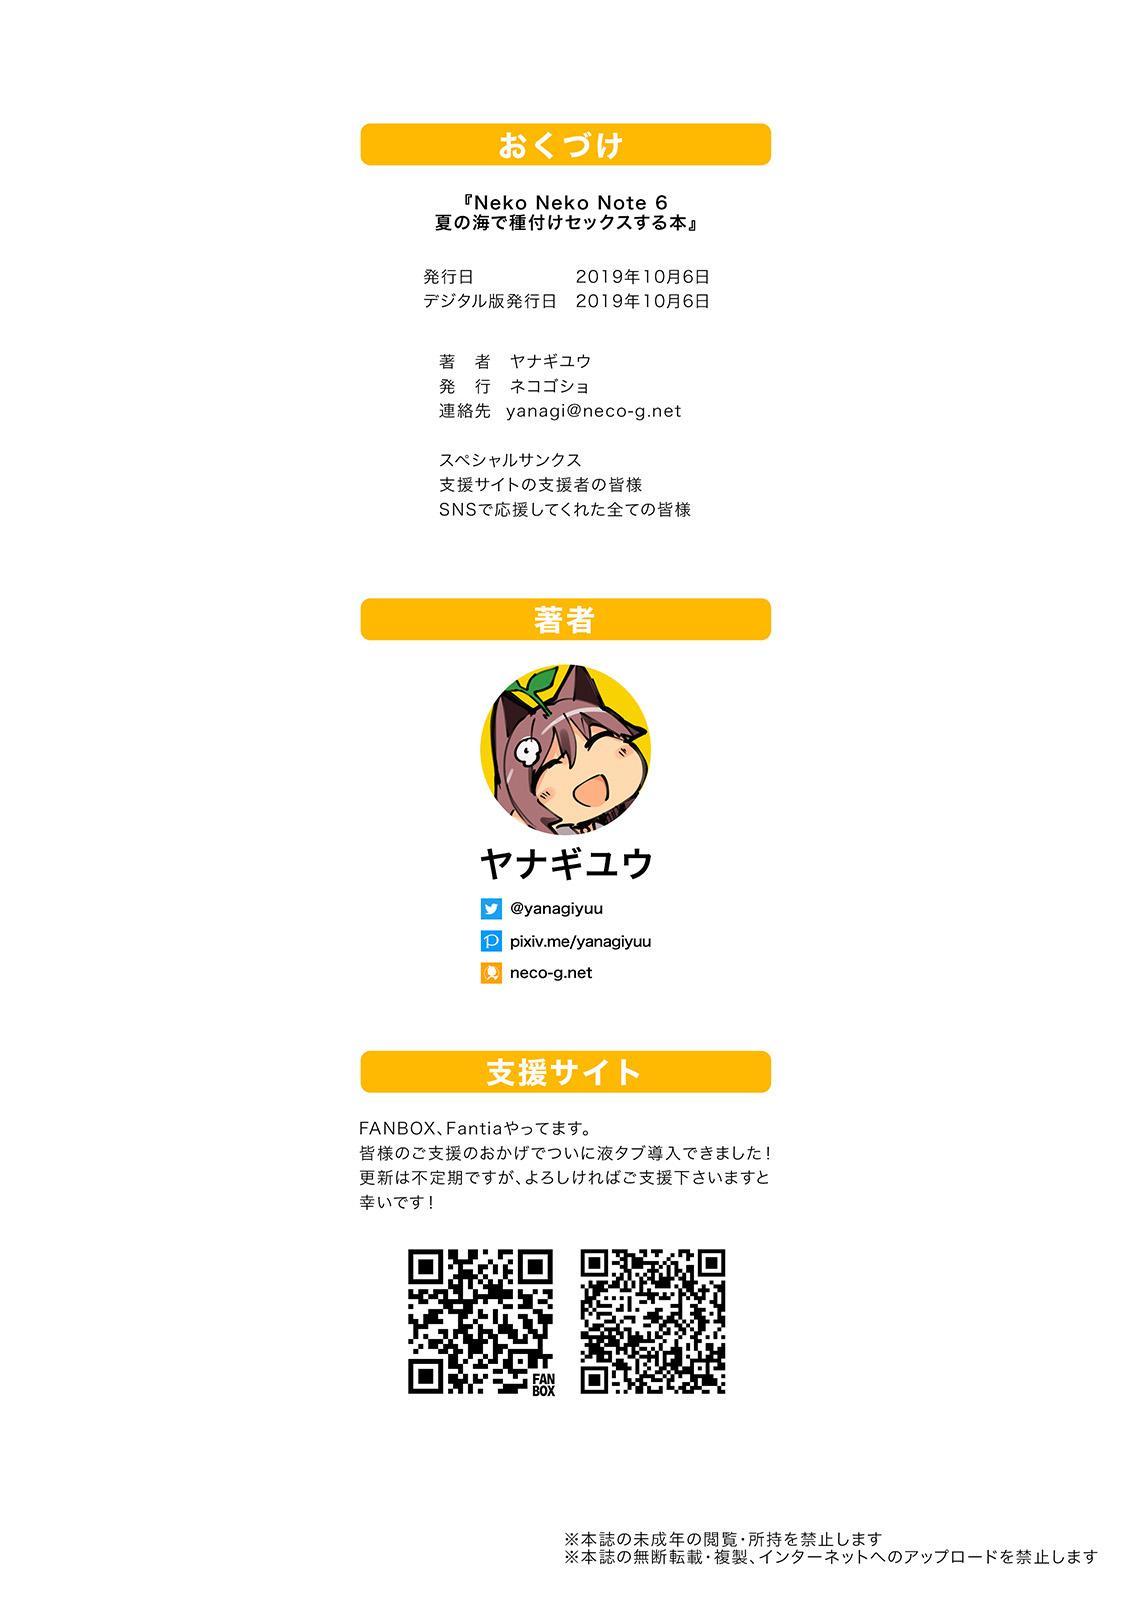 Neko Neko Note 6 Natsu no Umi de Tanetsuke Sex Suru Hon   Neko Neko Note 6 夏日海灘交配日記 30